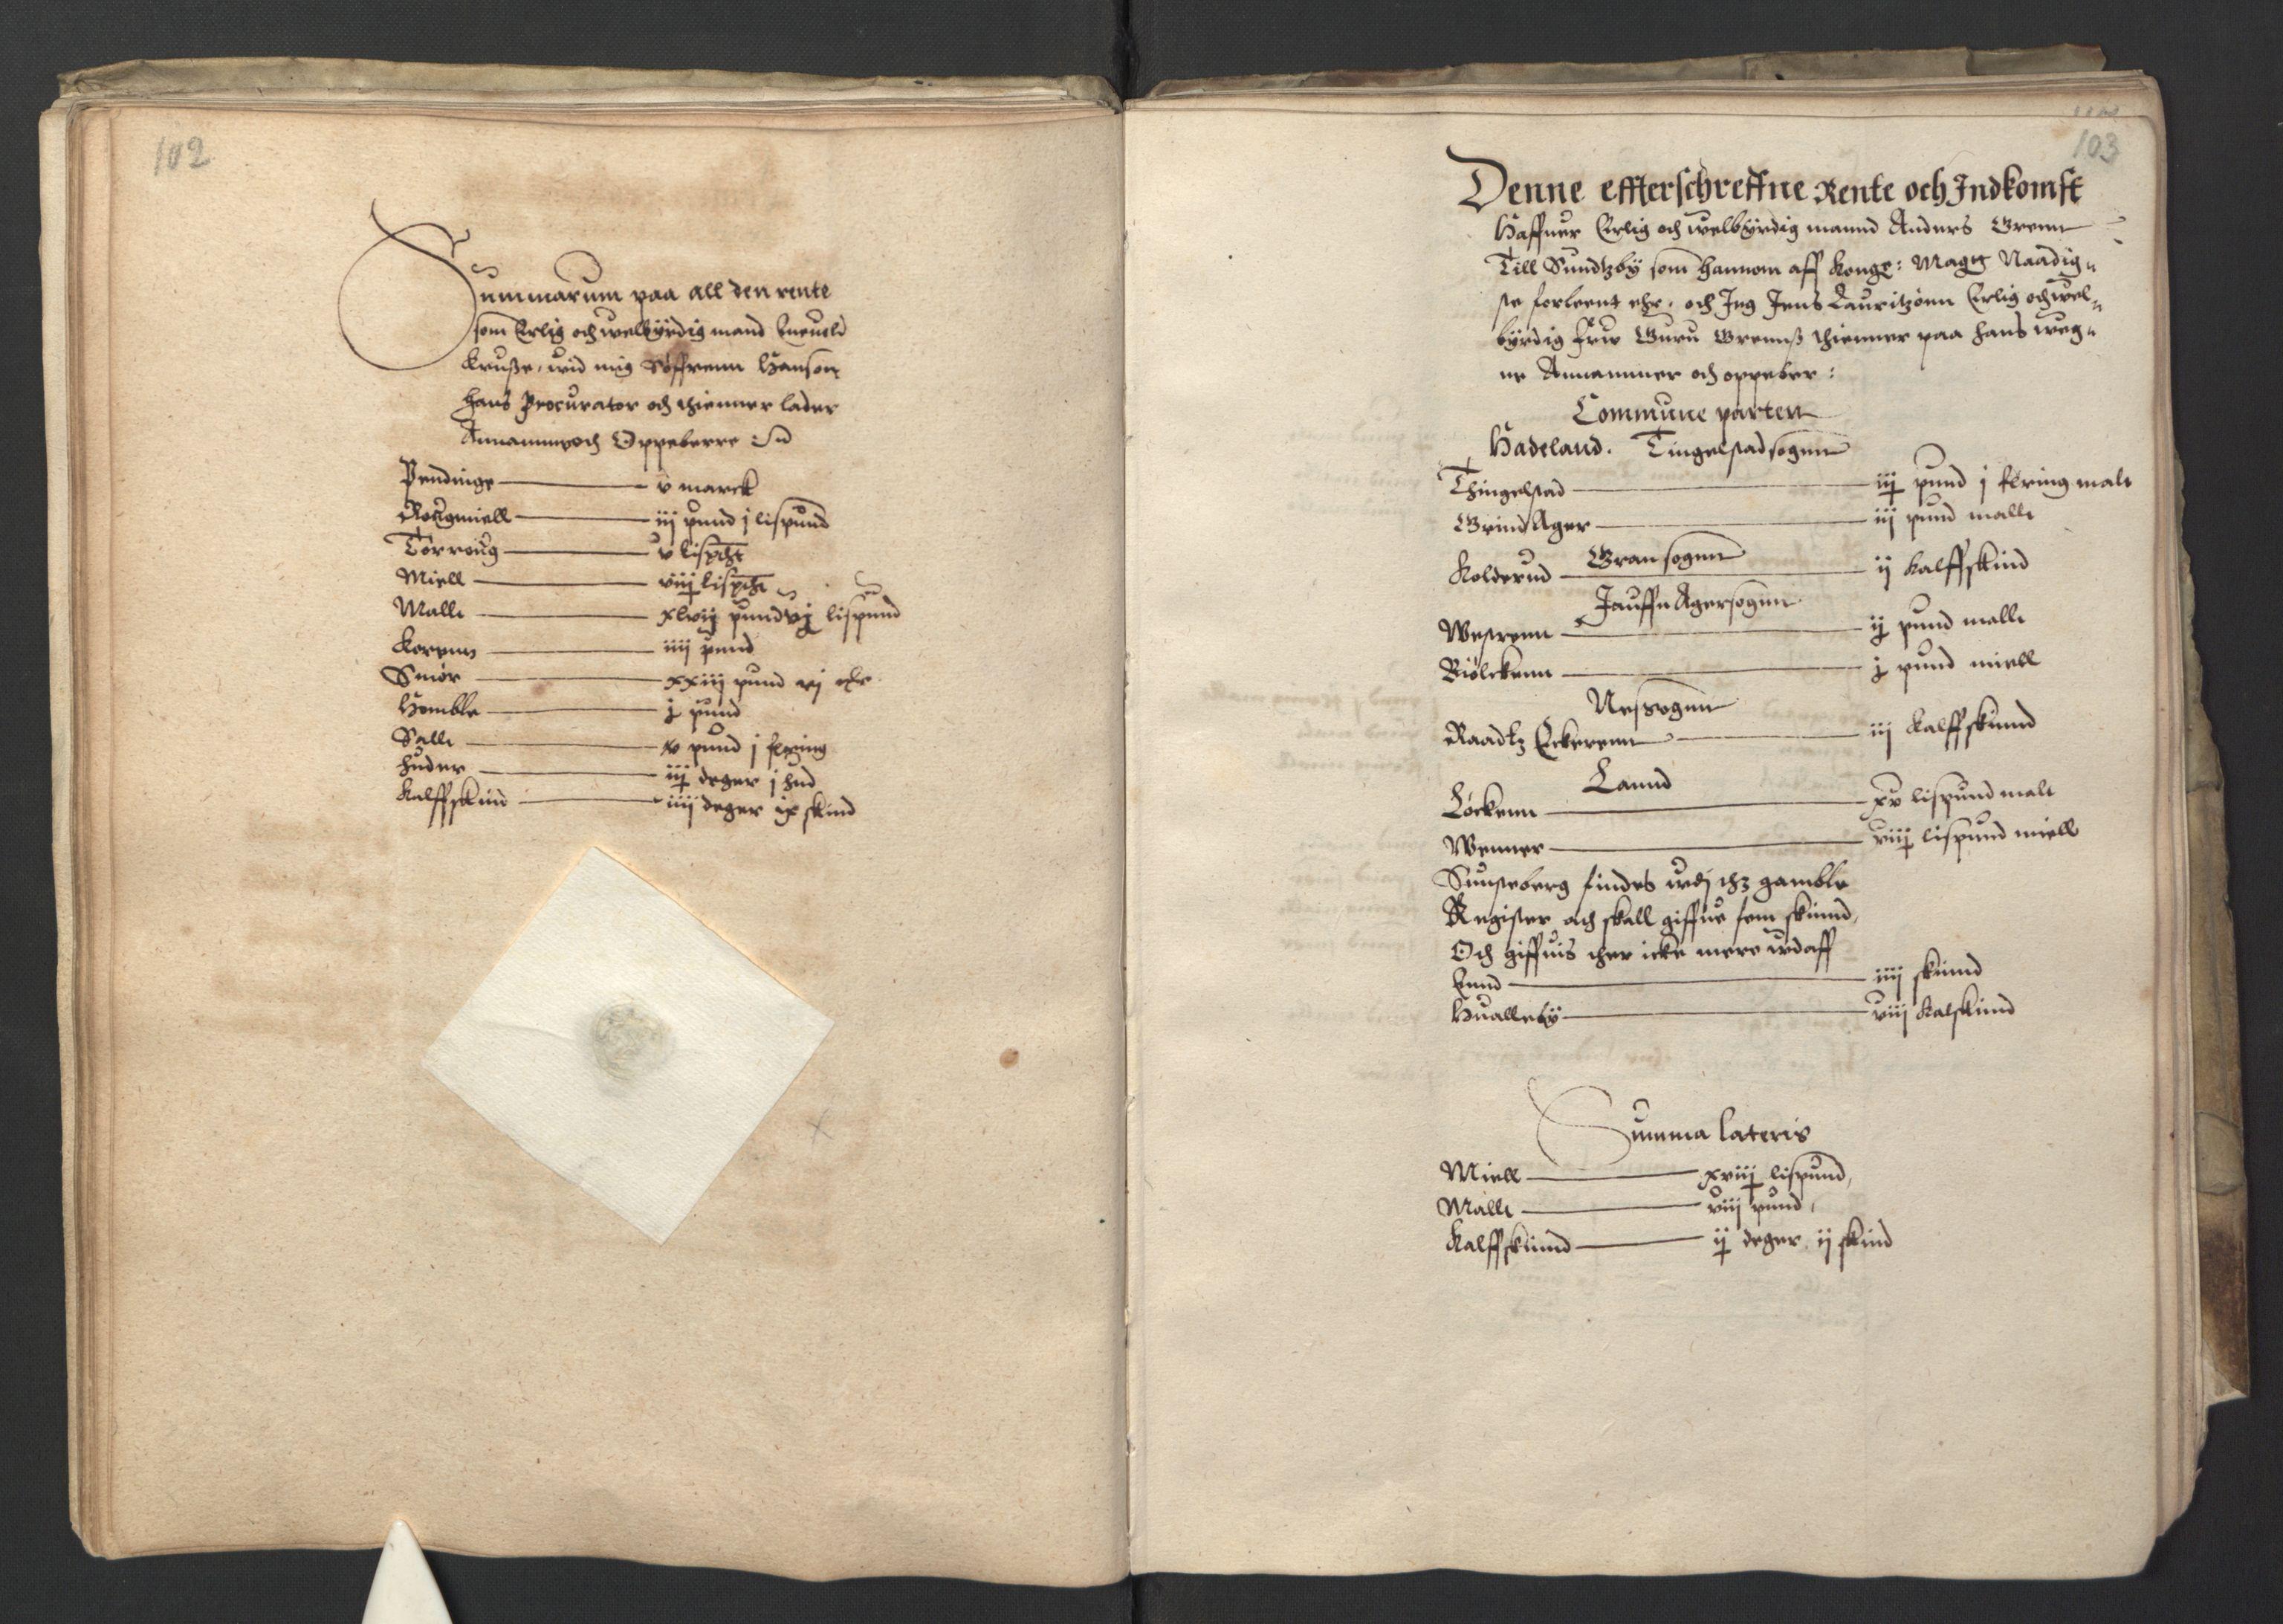 RA, Stattholderembetet 1572-1771, Ek/L0001: Jordebøker før 1624 og til utligning av garnisonsskatt 1624-1626:, 1595, s. 102-103